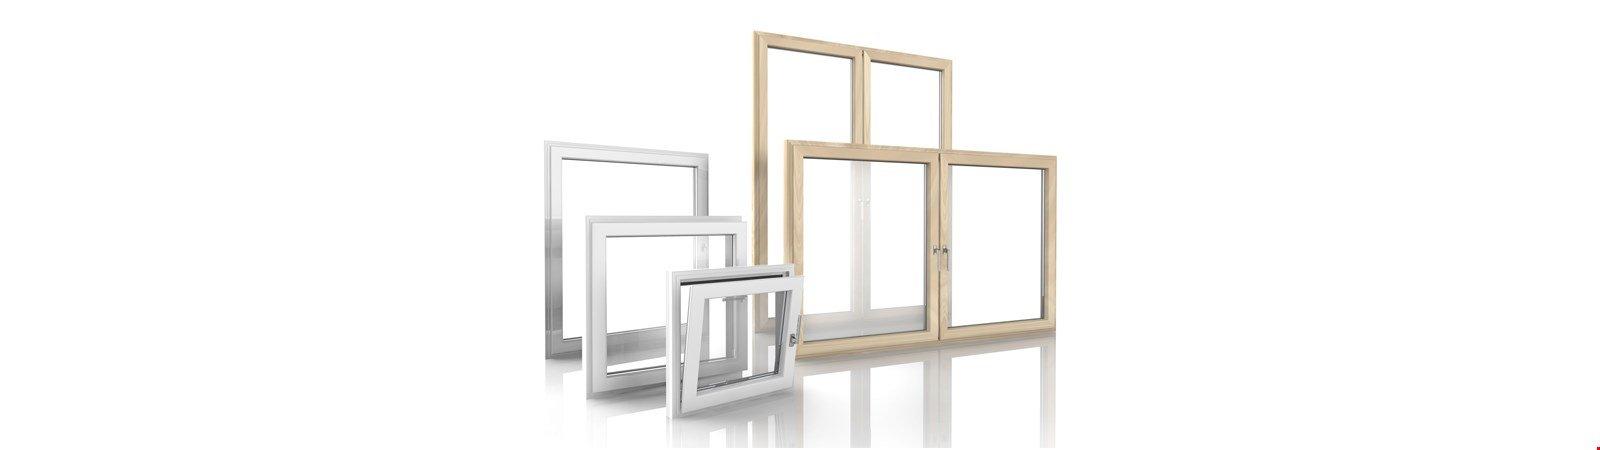 Fensterarten: Verglasung und Rahmenmaterialien